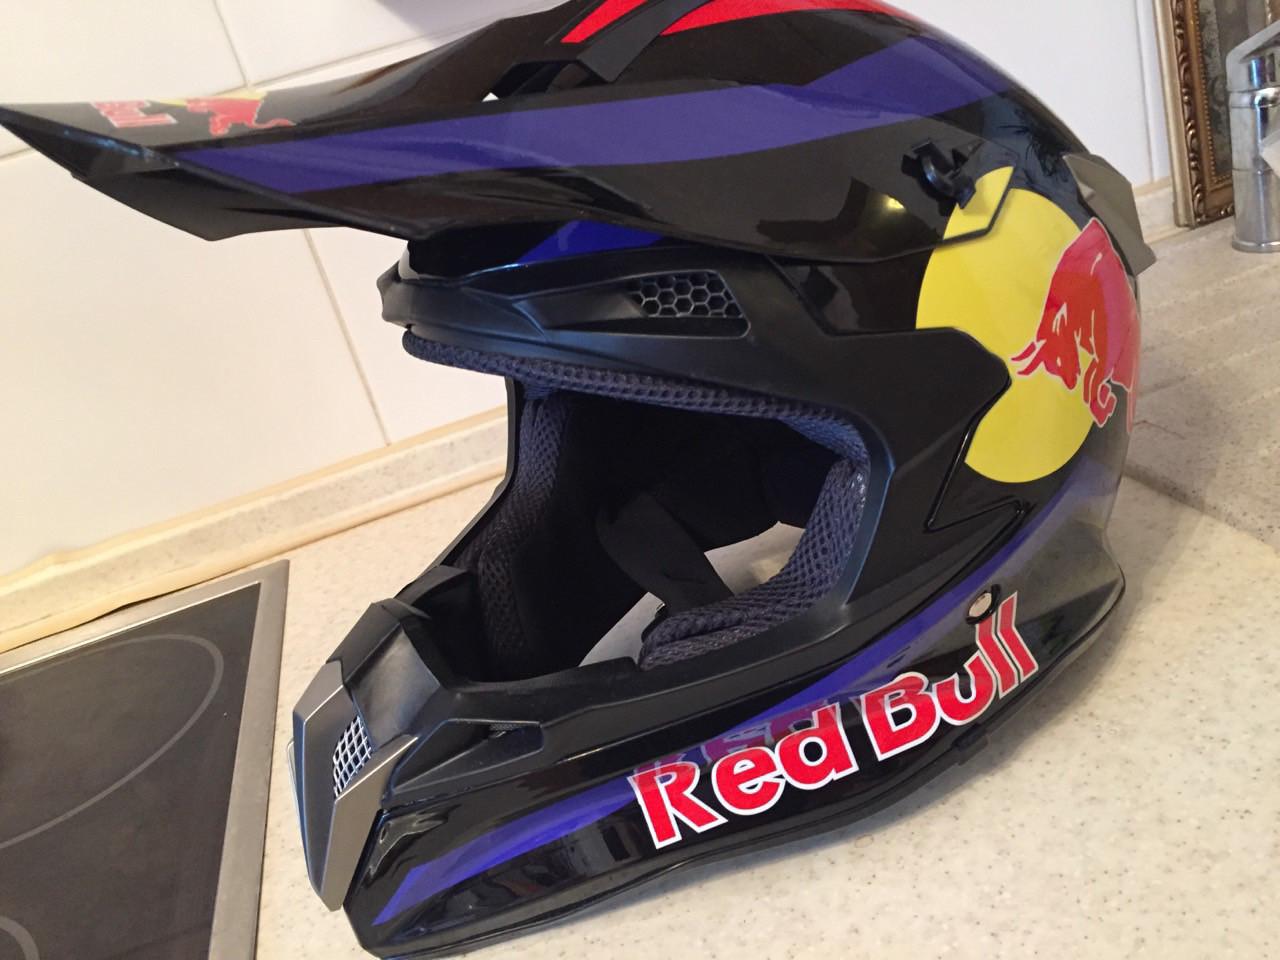 Черный глянцевый Кроссовый мото шлем Redbull (эндуро, даунхил) мотошлем с козырьком под очки